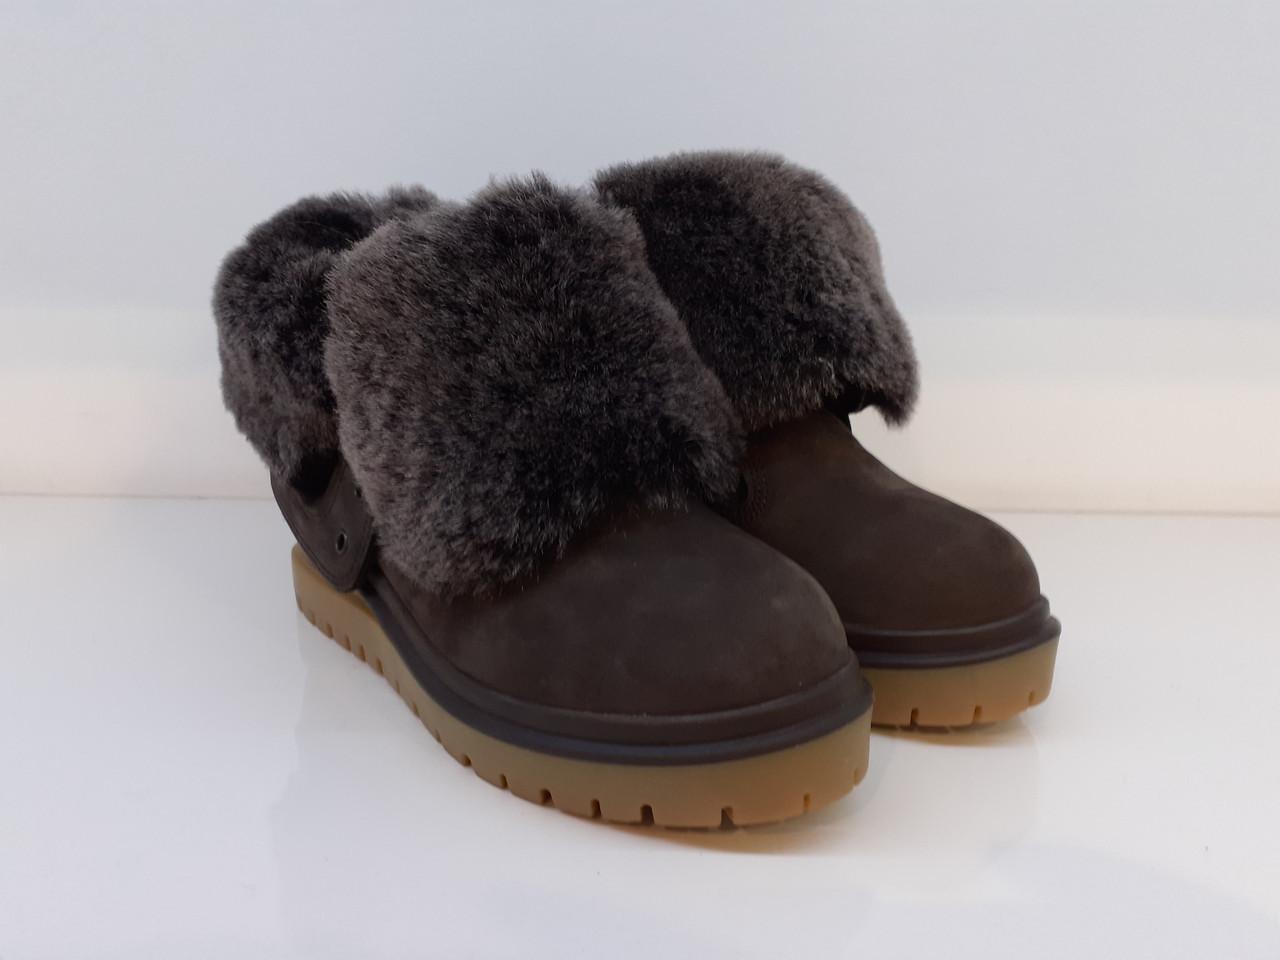 Ботинки Etor 3775-205-1516 36 мокко